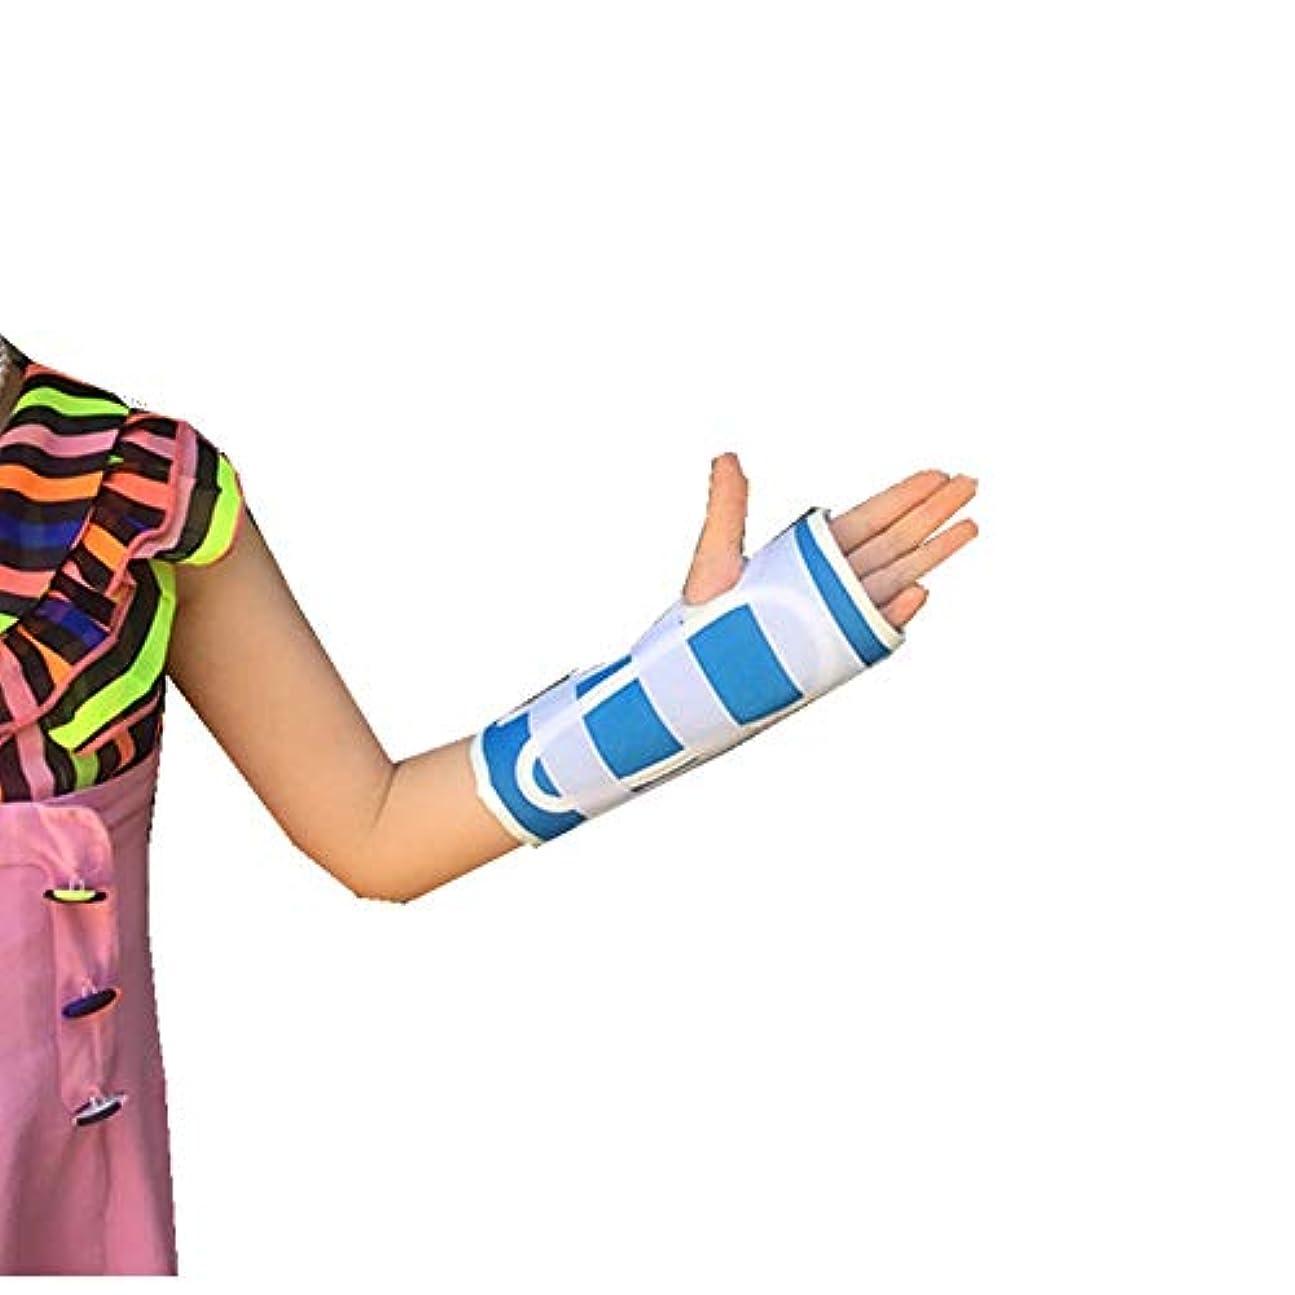 スクラップブックまとめる伝染病ZYL-YL 子供の手関節手首骨折手首捻挫骨折保護具通気性は内蔵アルミ合金シース (Edition : Right)